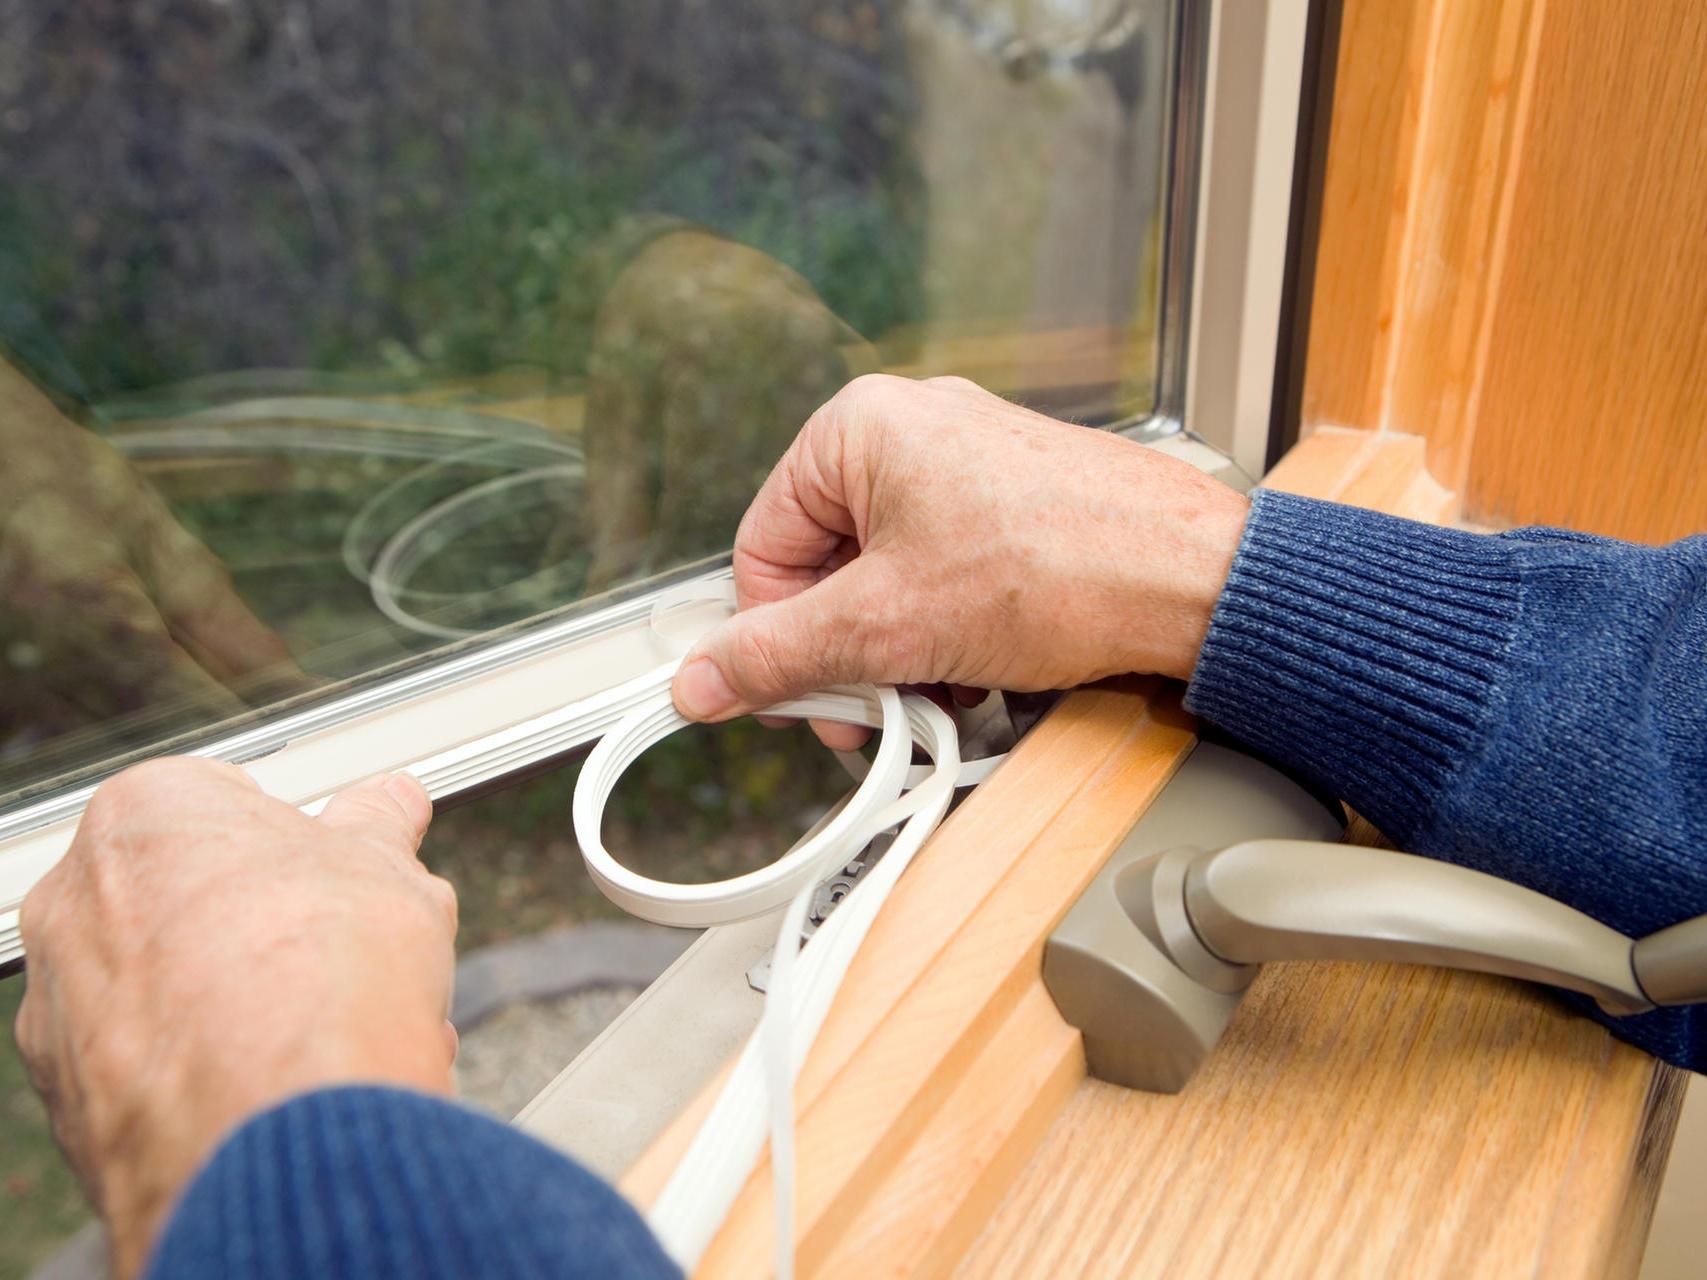 Full Size of Fensterfugen Erneuern Fenster Im Ganzen Haus Kosten Silikonfugen Preis Bad Wohnzimmer Fensterfugen Erneuern